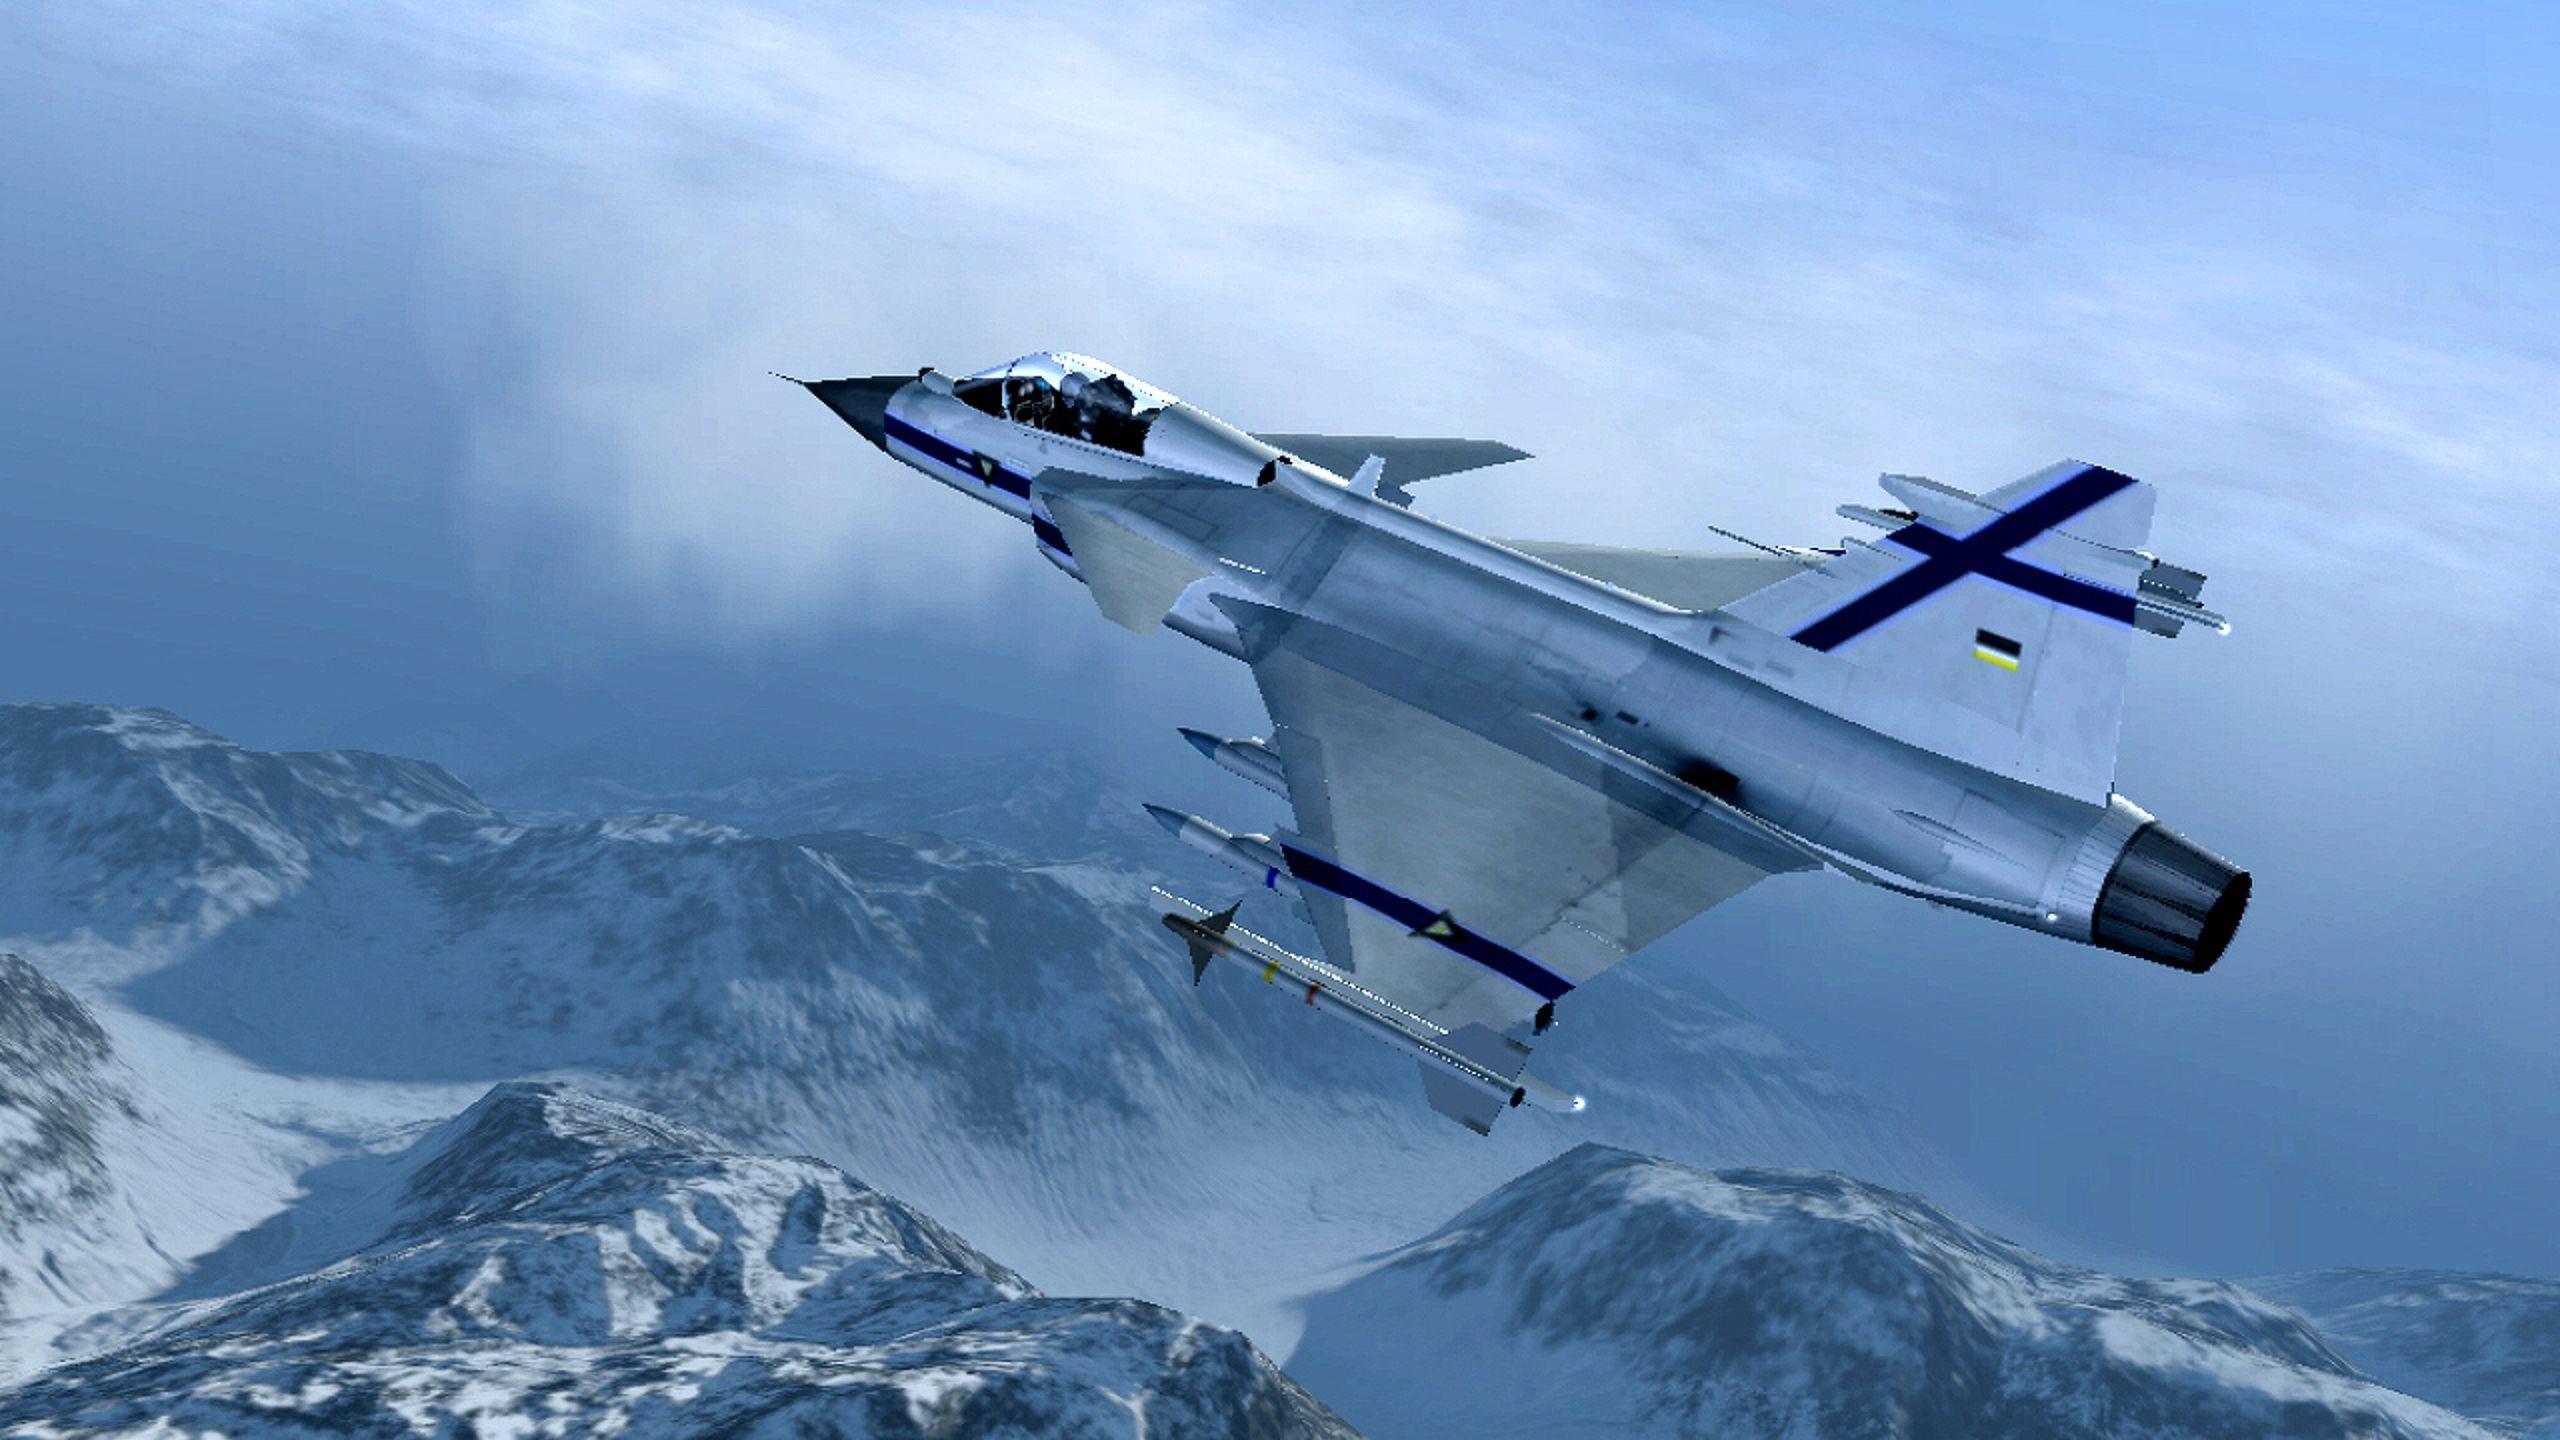 Res: 2560x1440, Ace Combat HD Wallpaper 14 - 2560 X 1440